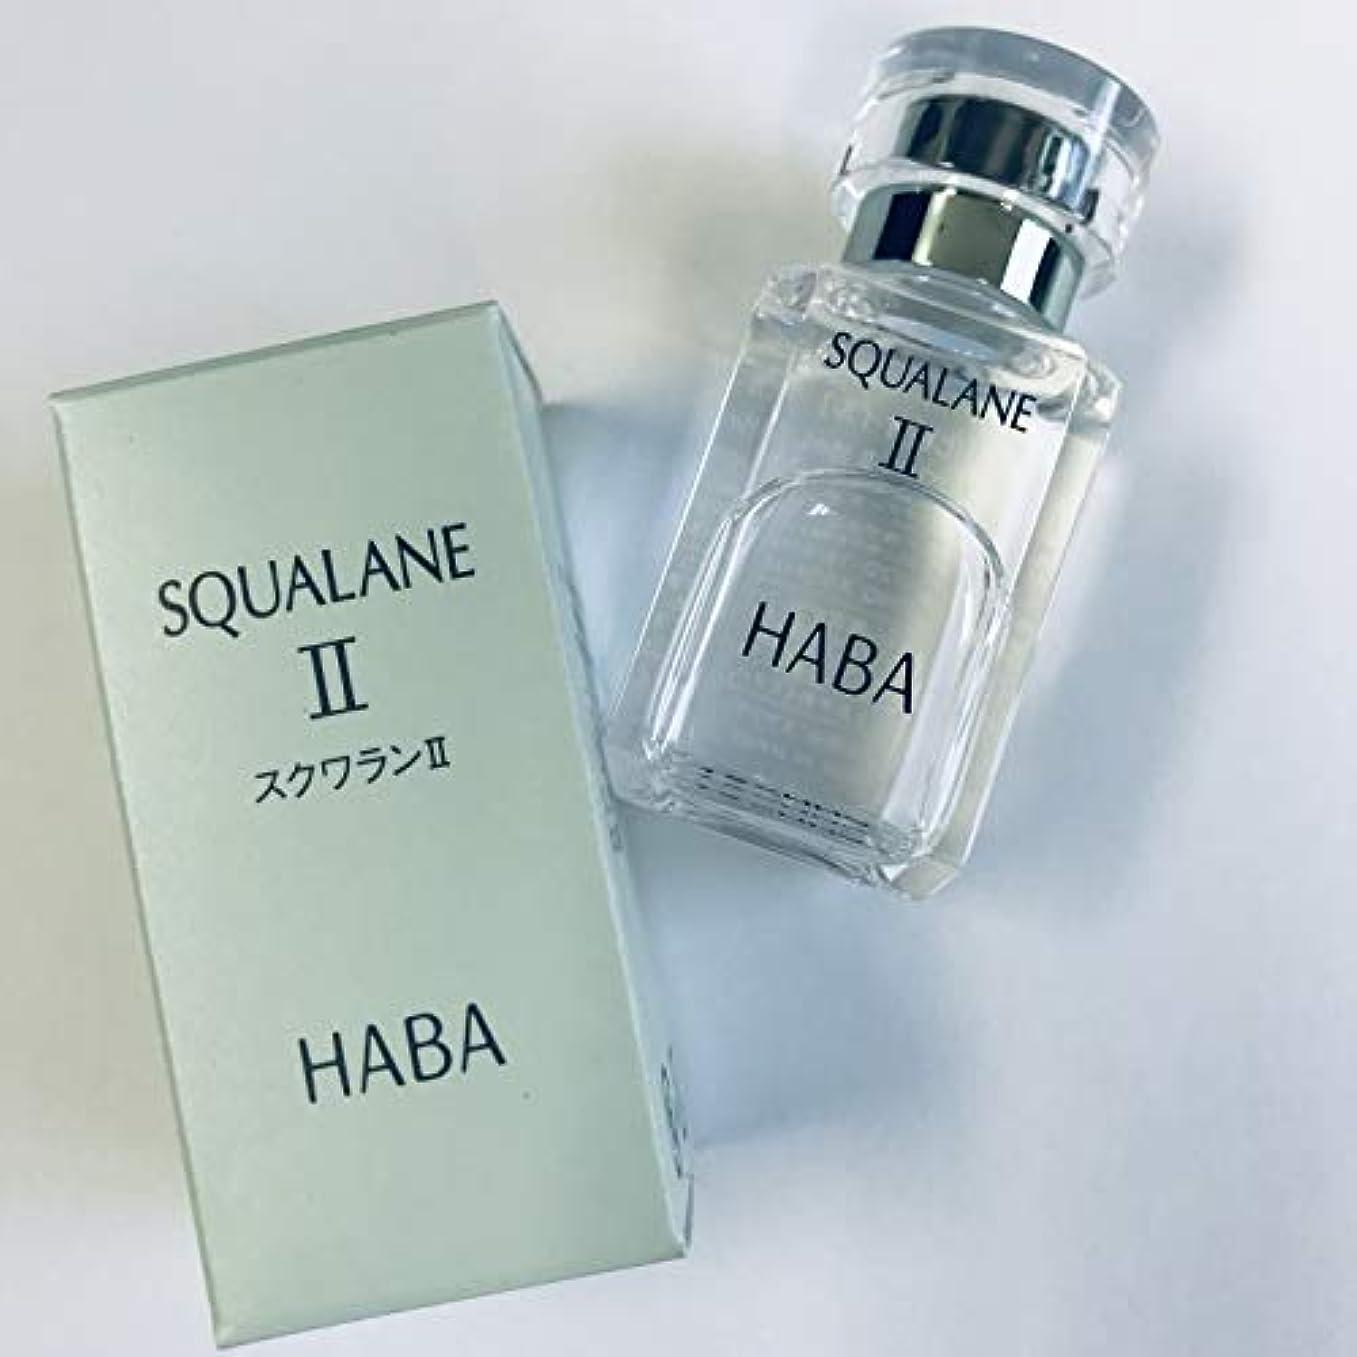 主人結婚する一回HABA ハーバー  スクワランII 15mL